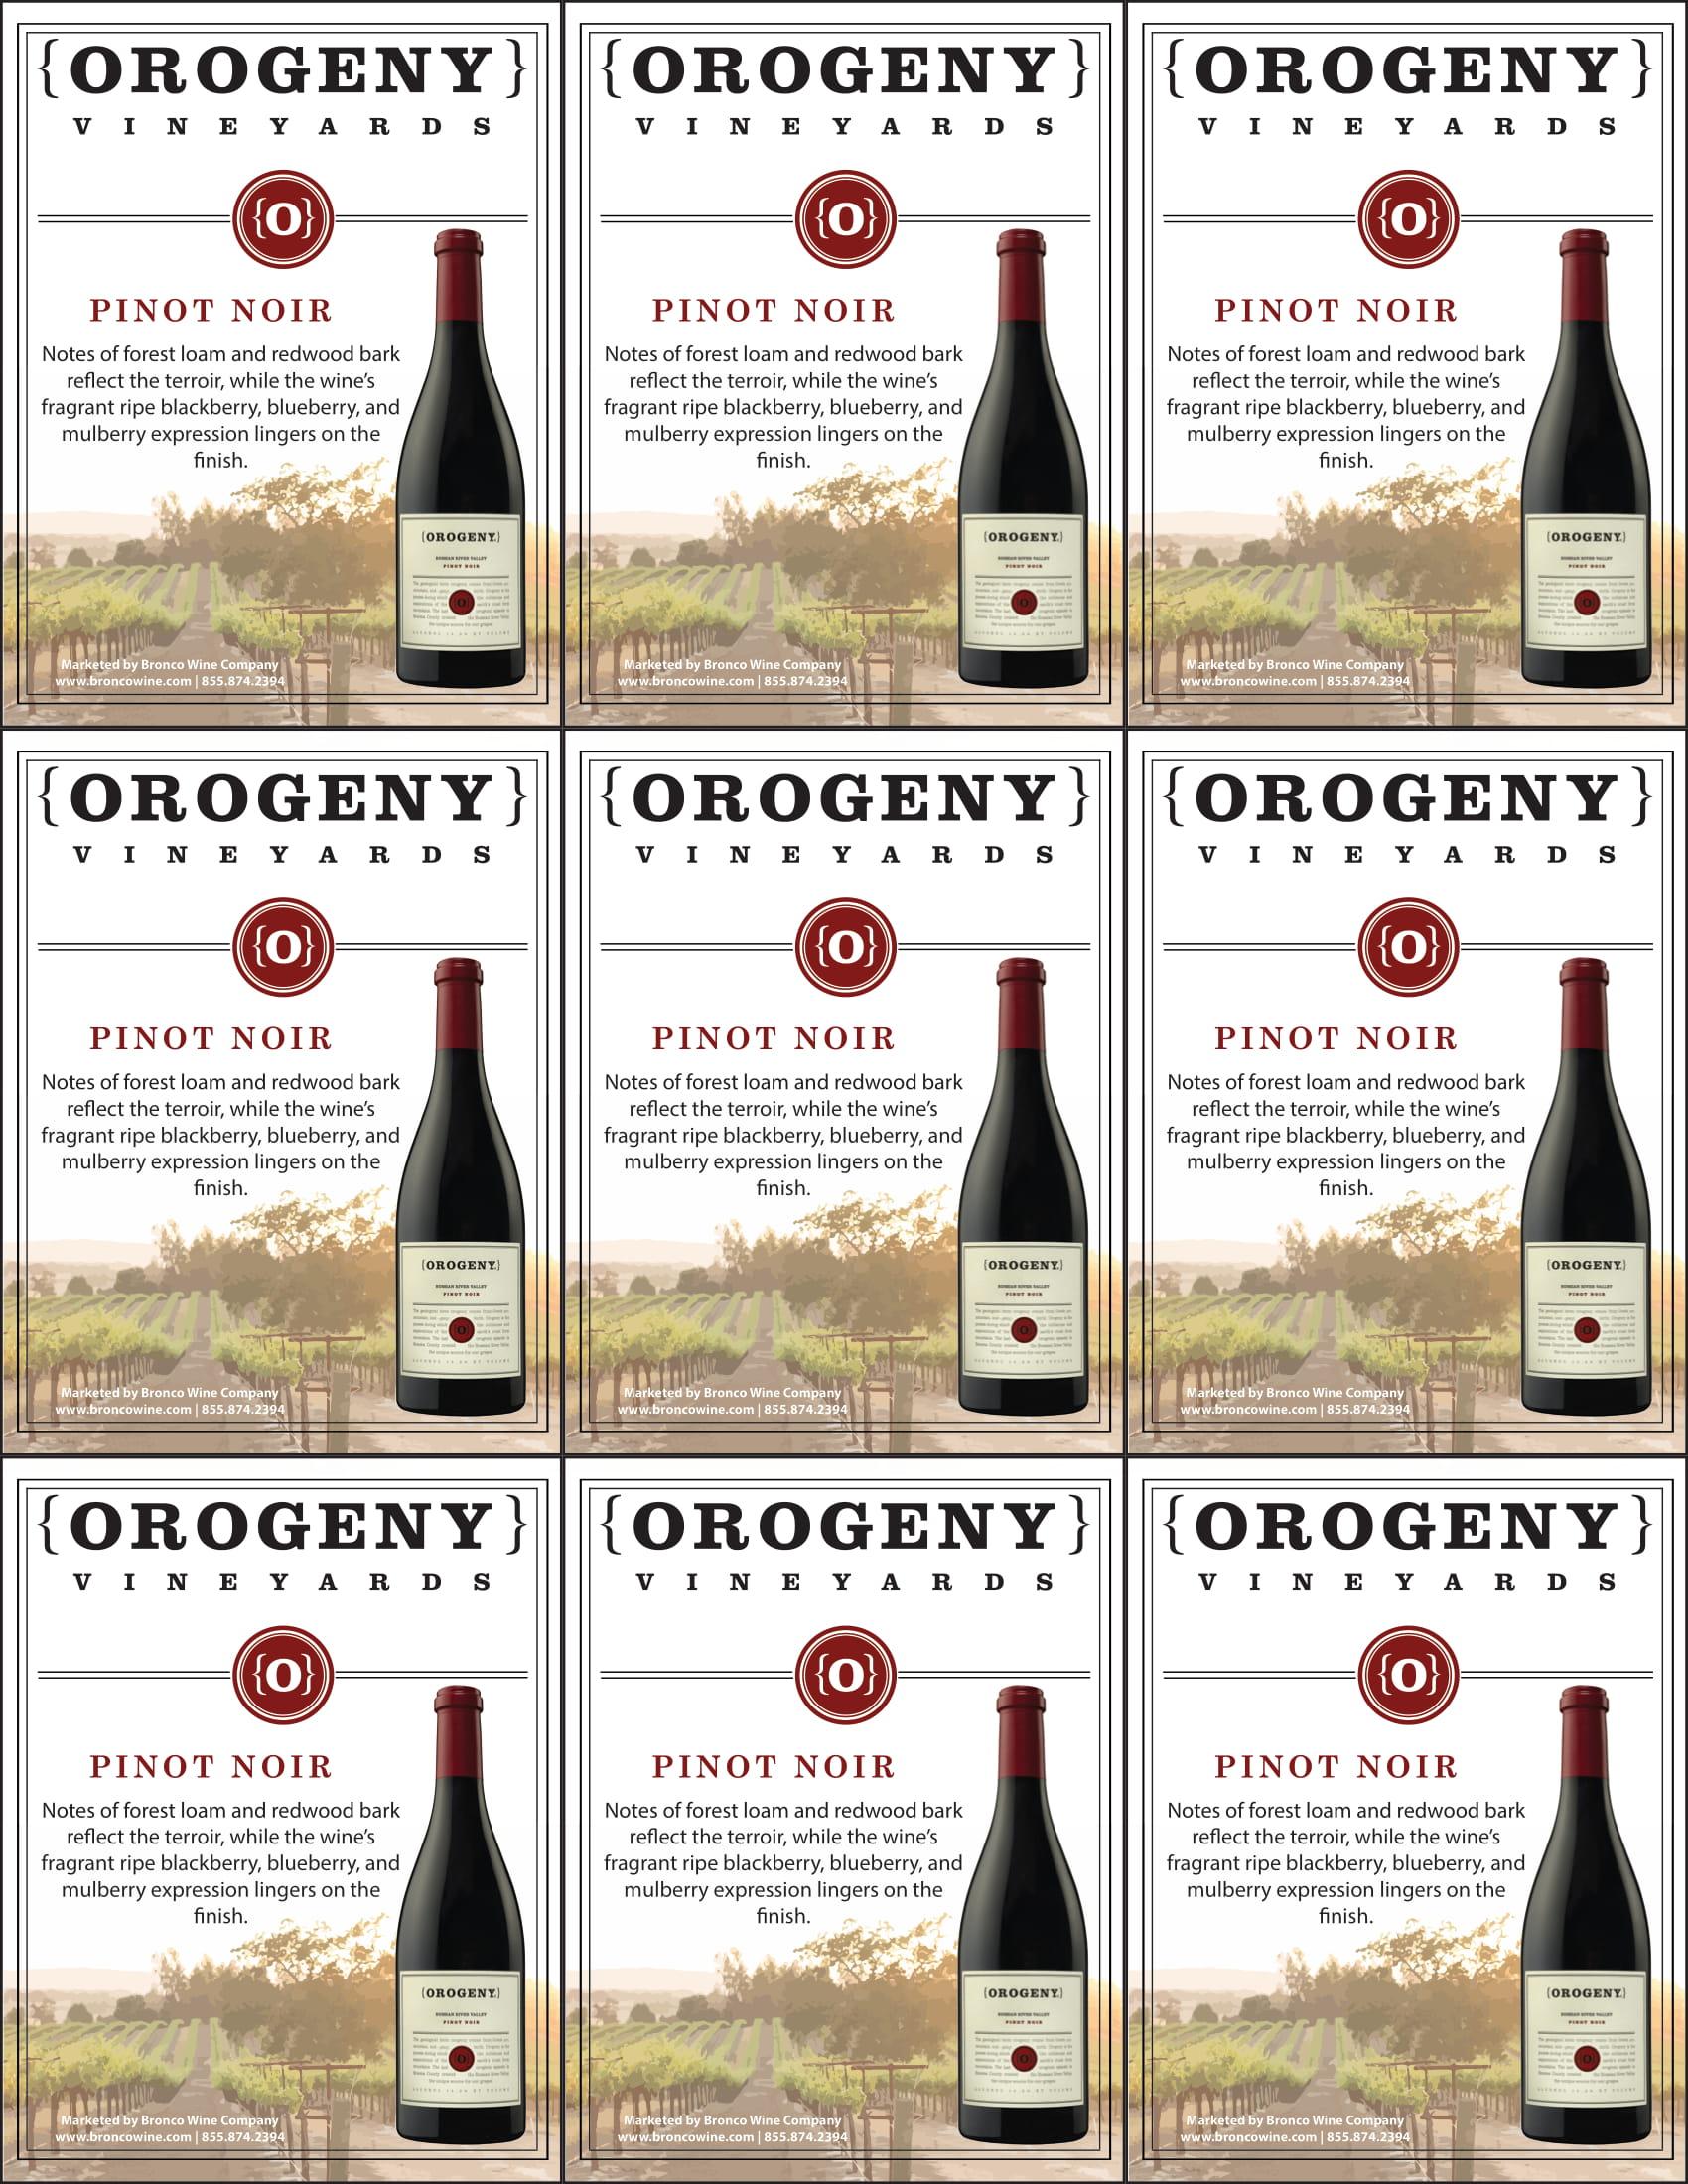 Orogeny Pinot Noir Shelf Talker